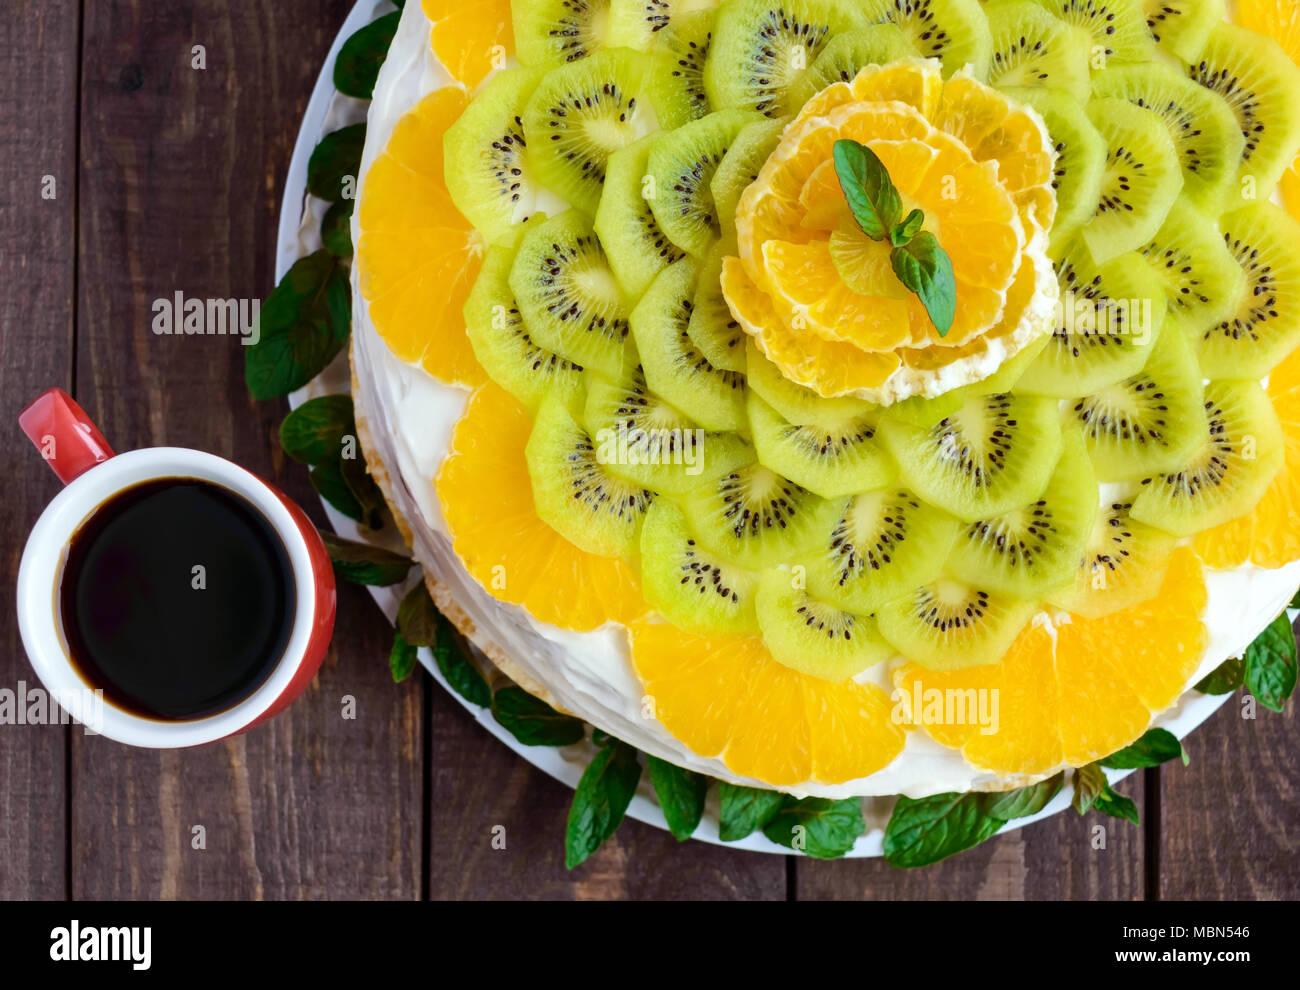 Ronde des fruits lumineux de fête gâteau décoré avec kiwi, orange, menthe et une tasse de café. Photo Stock